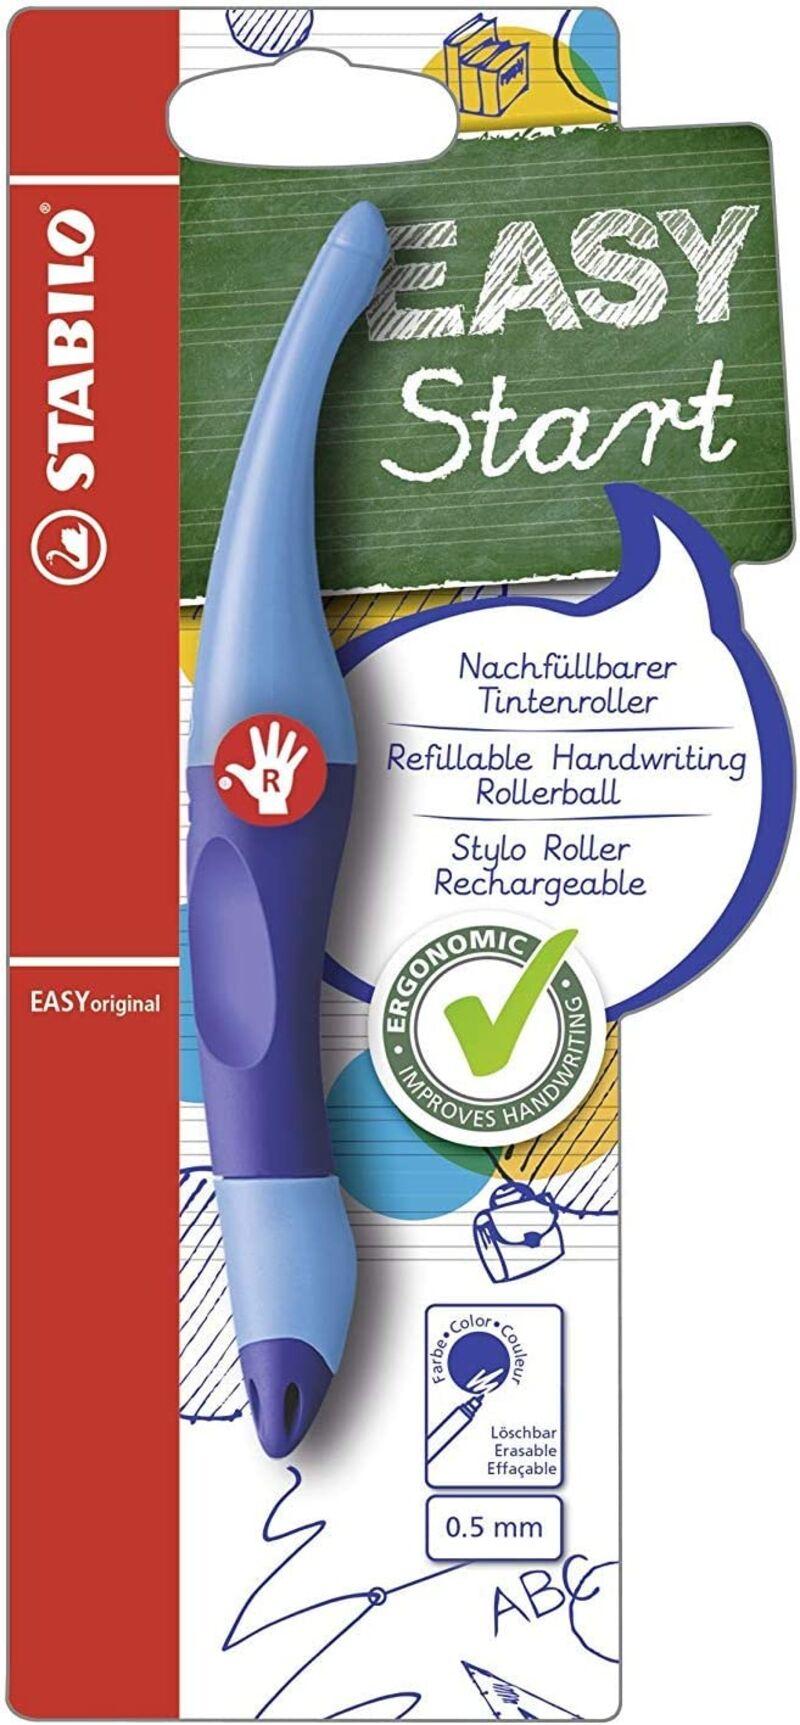 Stabilo Easy Original Diestros Azul R: B468435 -